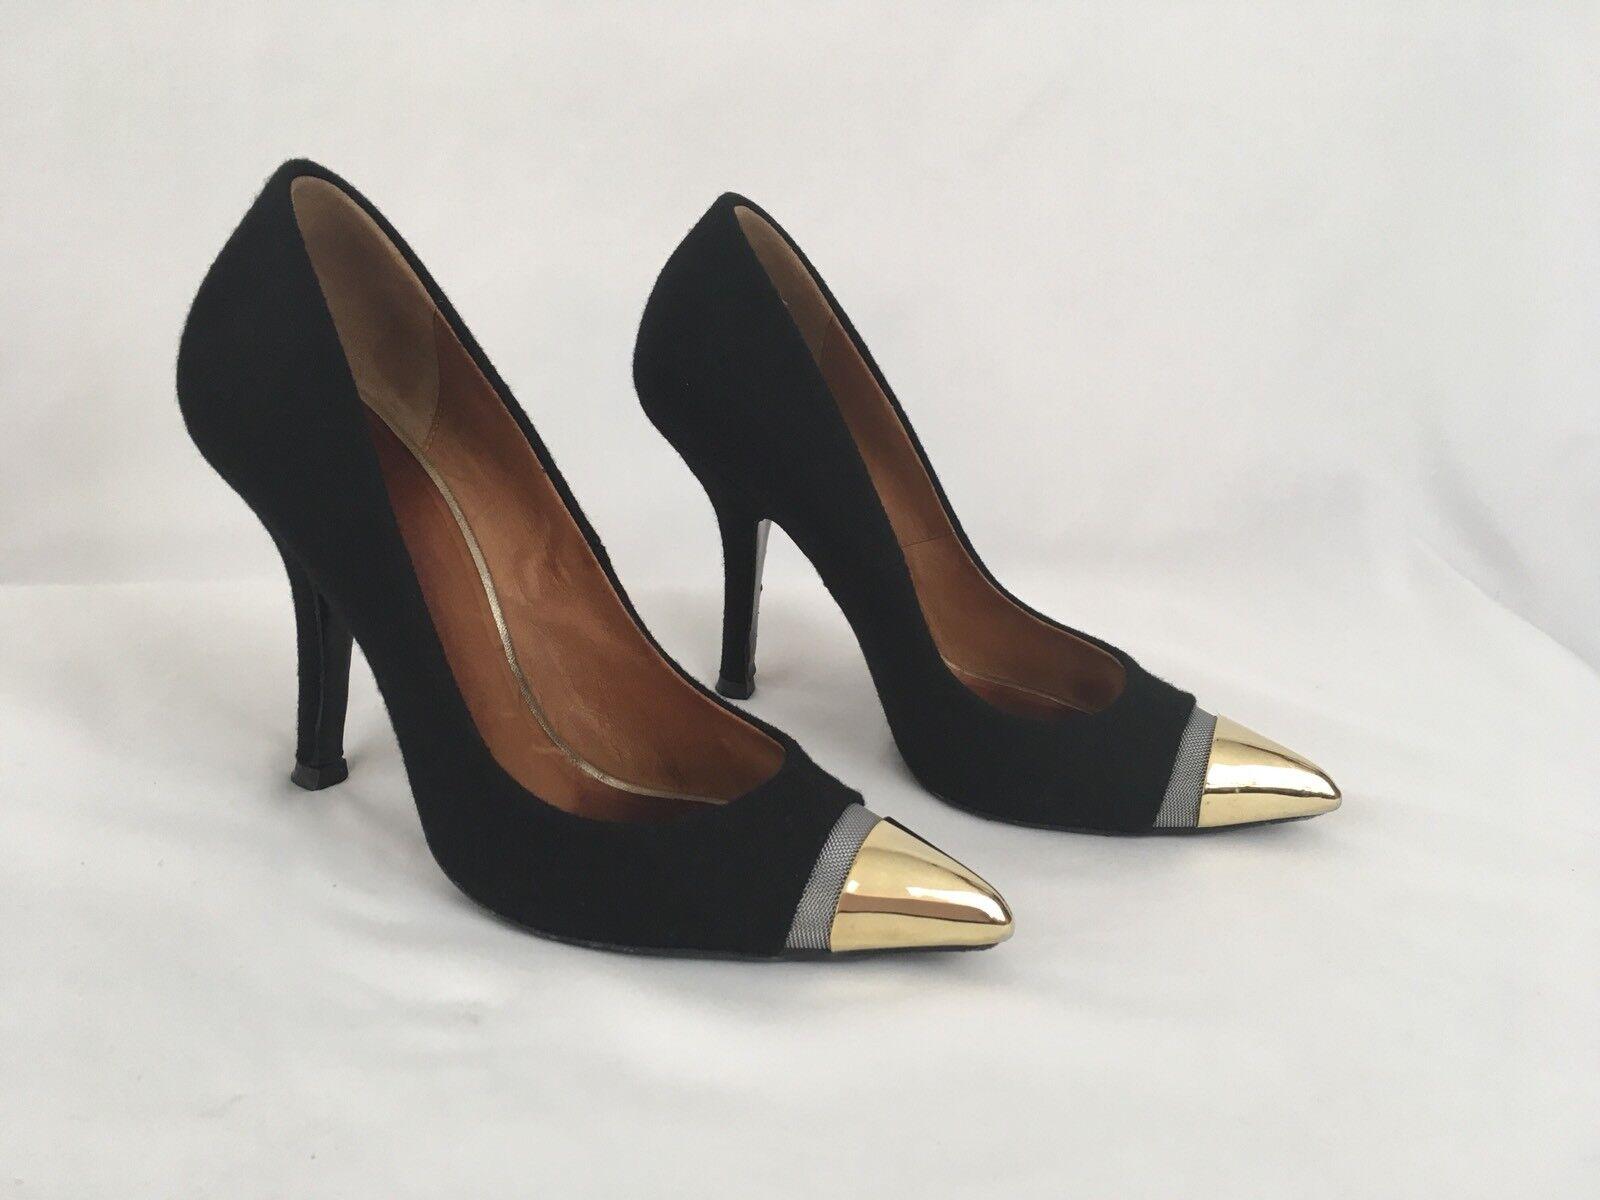 più economico GIVENCHY nero Felted Wool Covered Leather Pumps oro Toe Toe Toe 36.5  6.5 US RARE  all'ingrosso a buon mercato